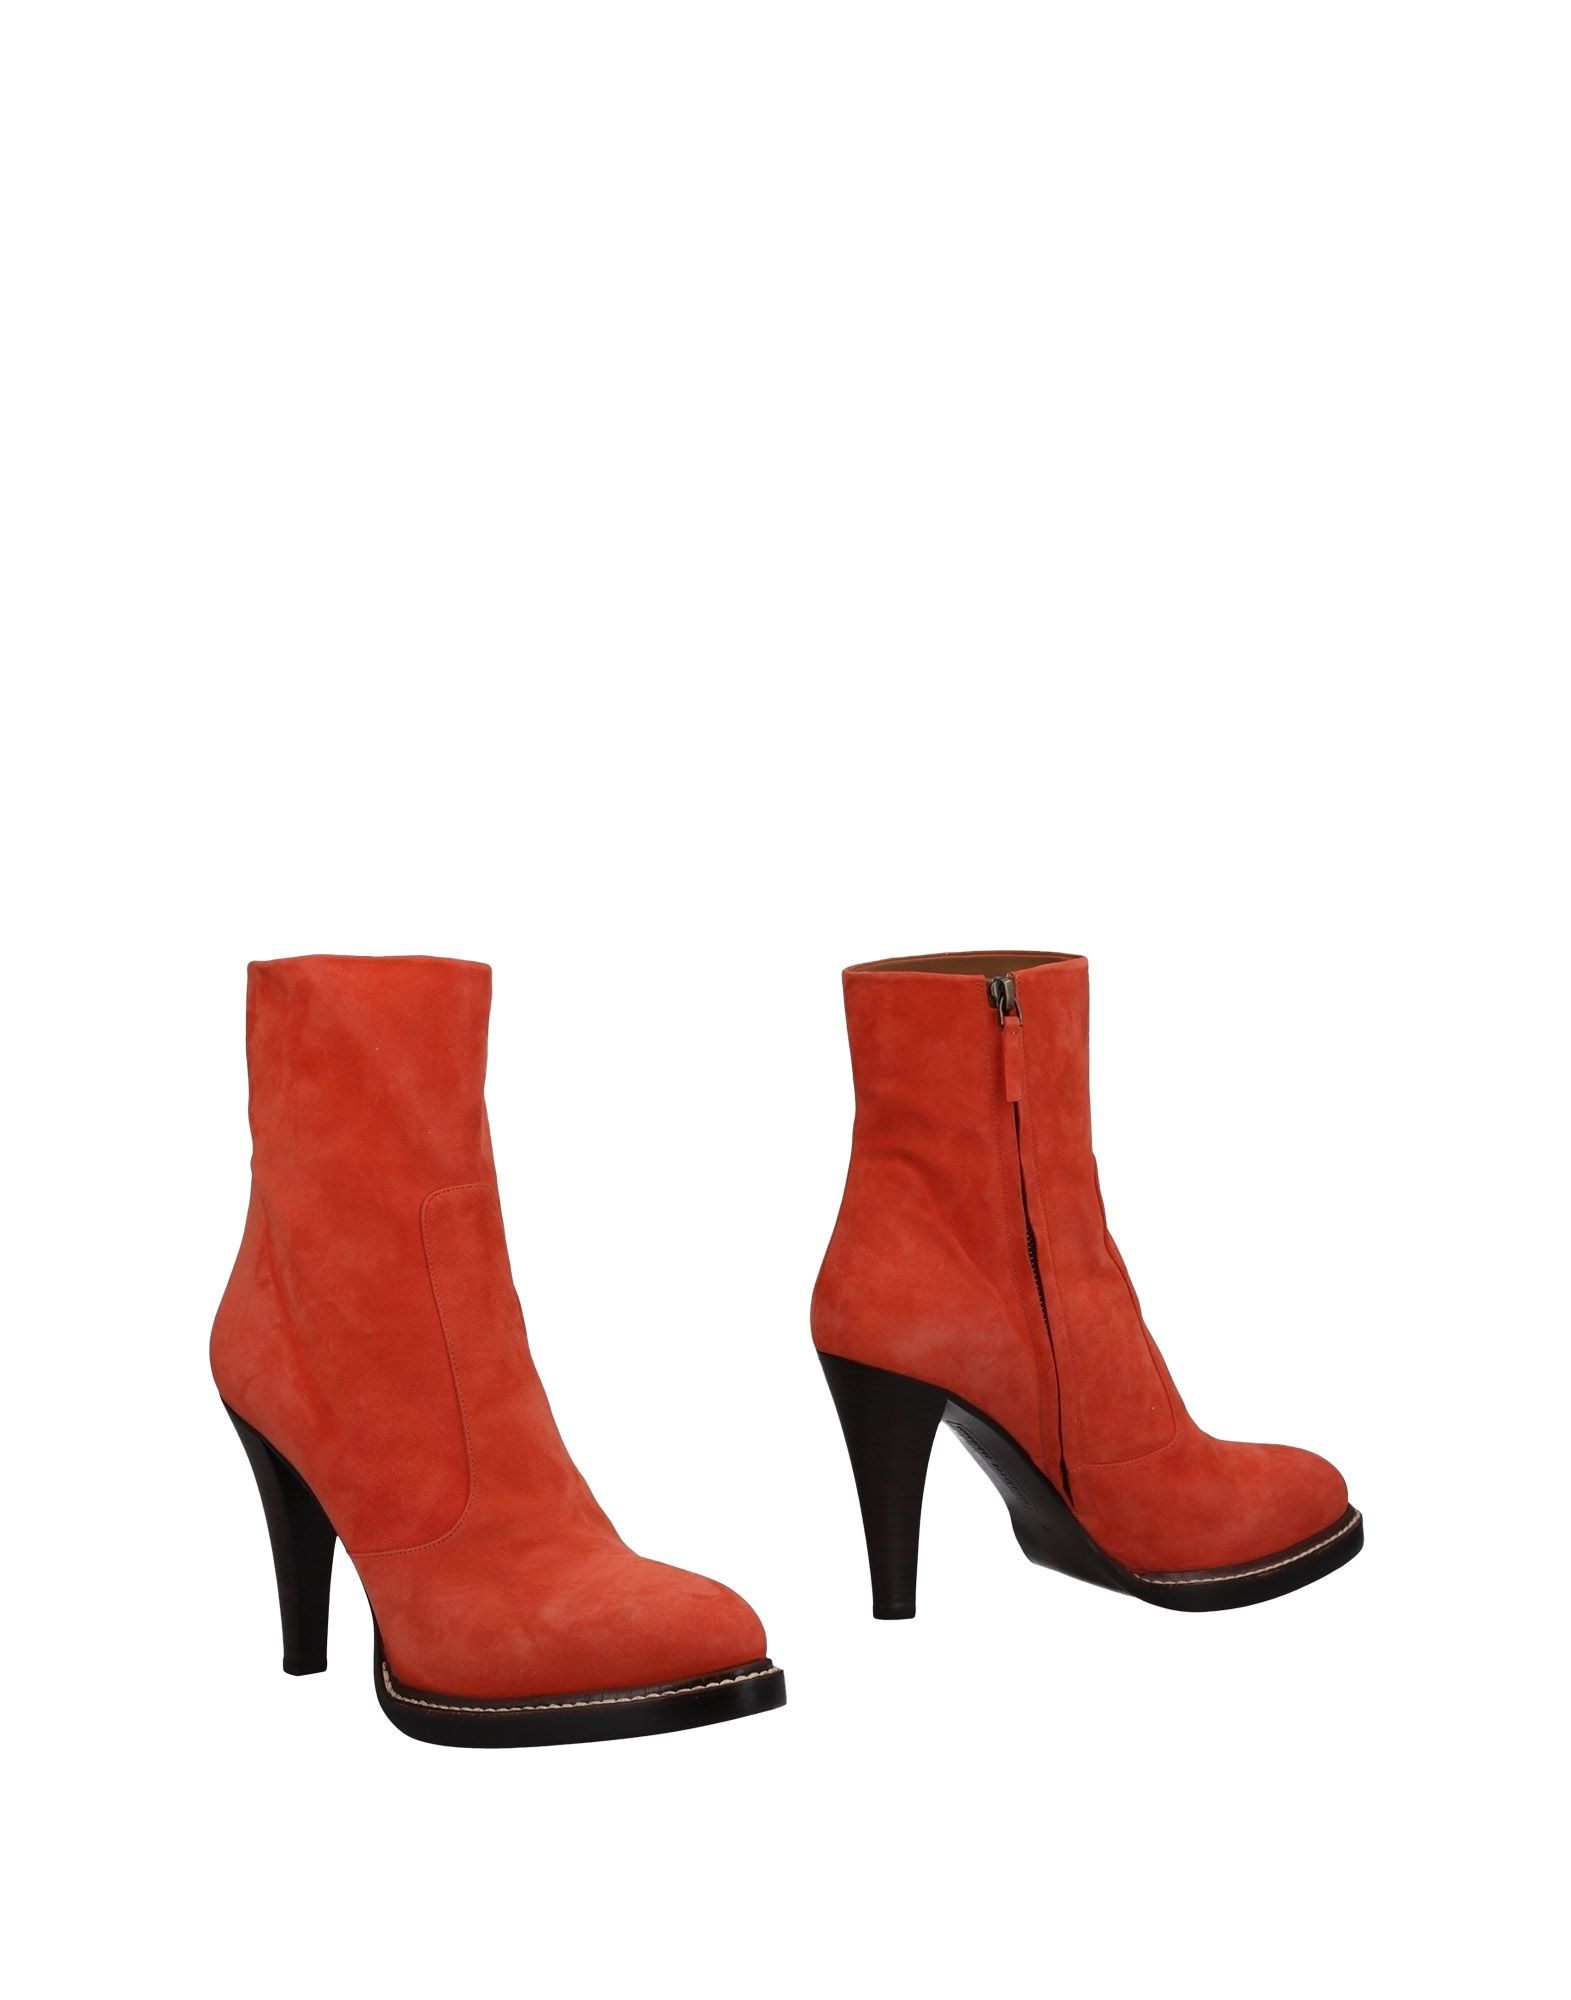 Veronique Branquinho Ankle Boot - Boots Women Veronique Branquinho Ankle Boots - online on  United Kingdom - 11489059HO 643365